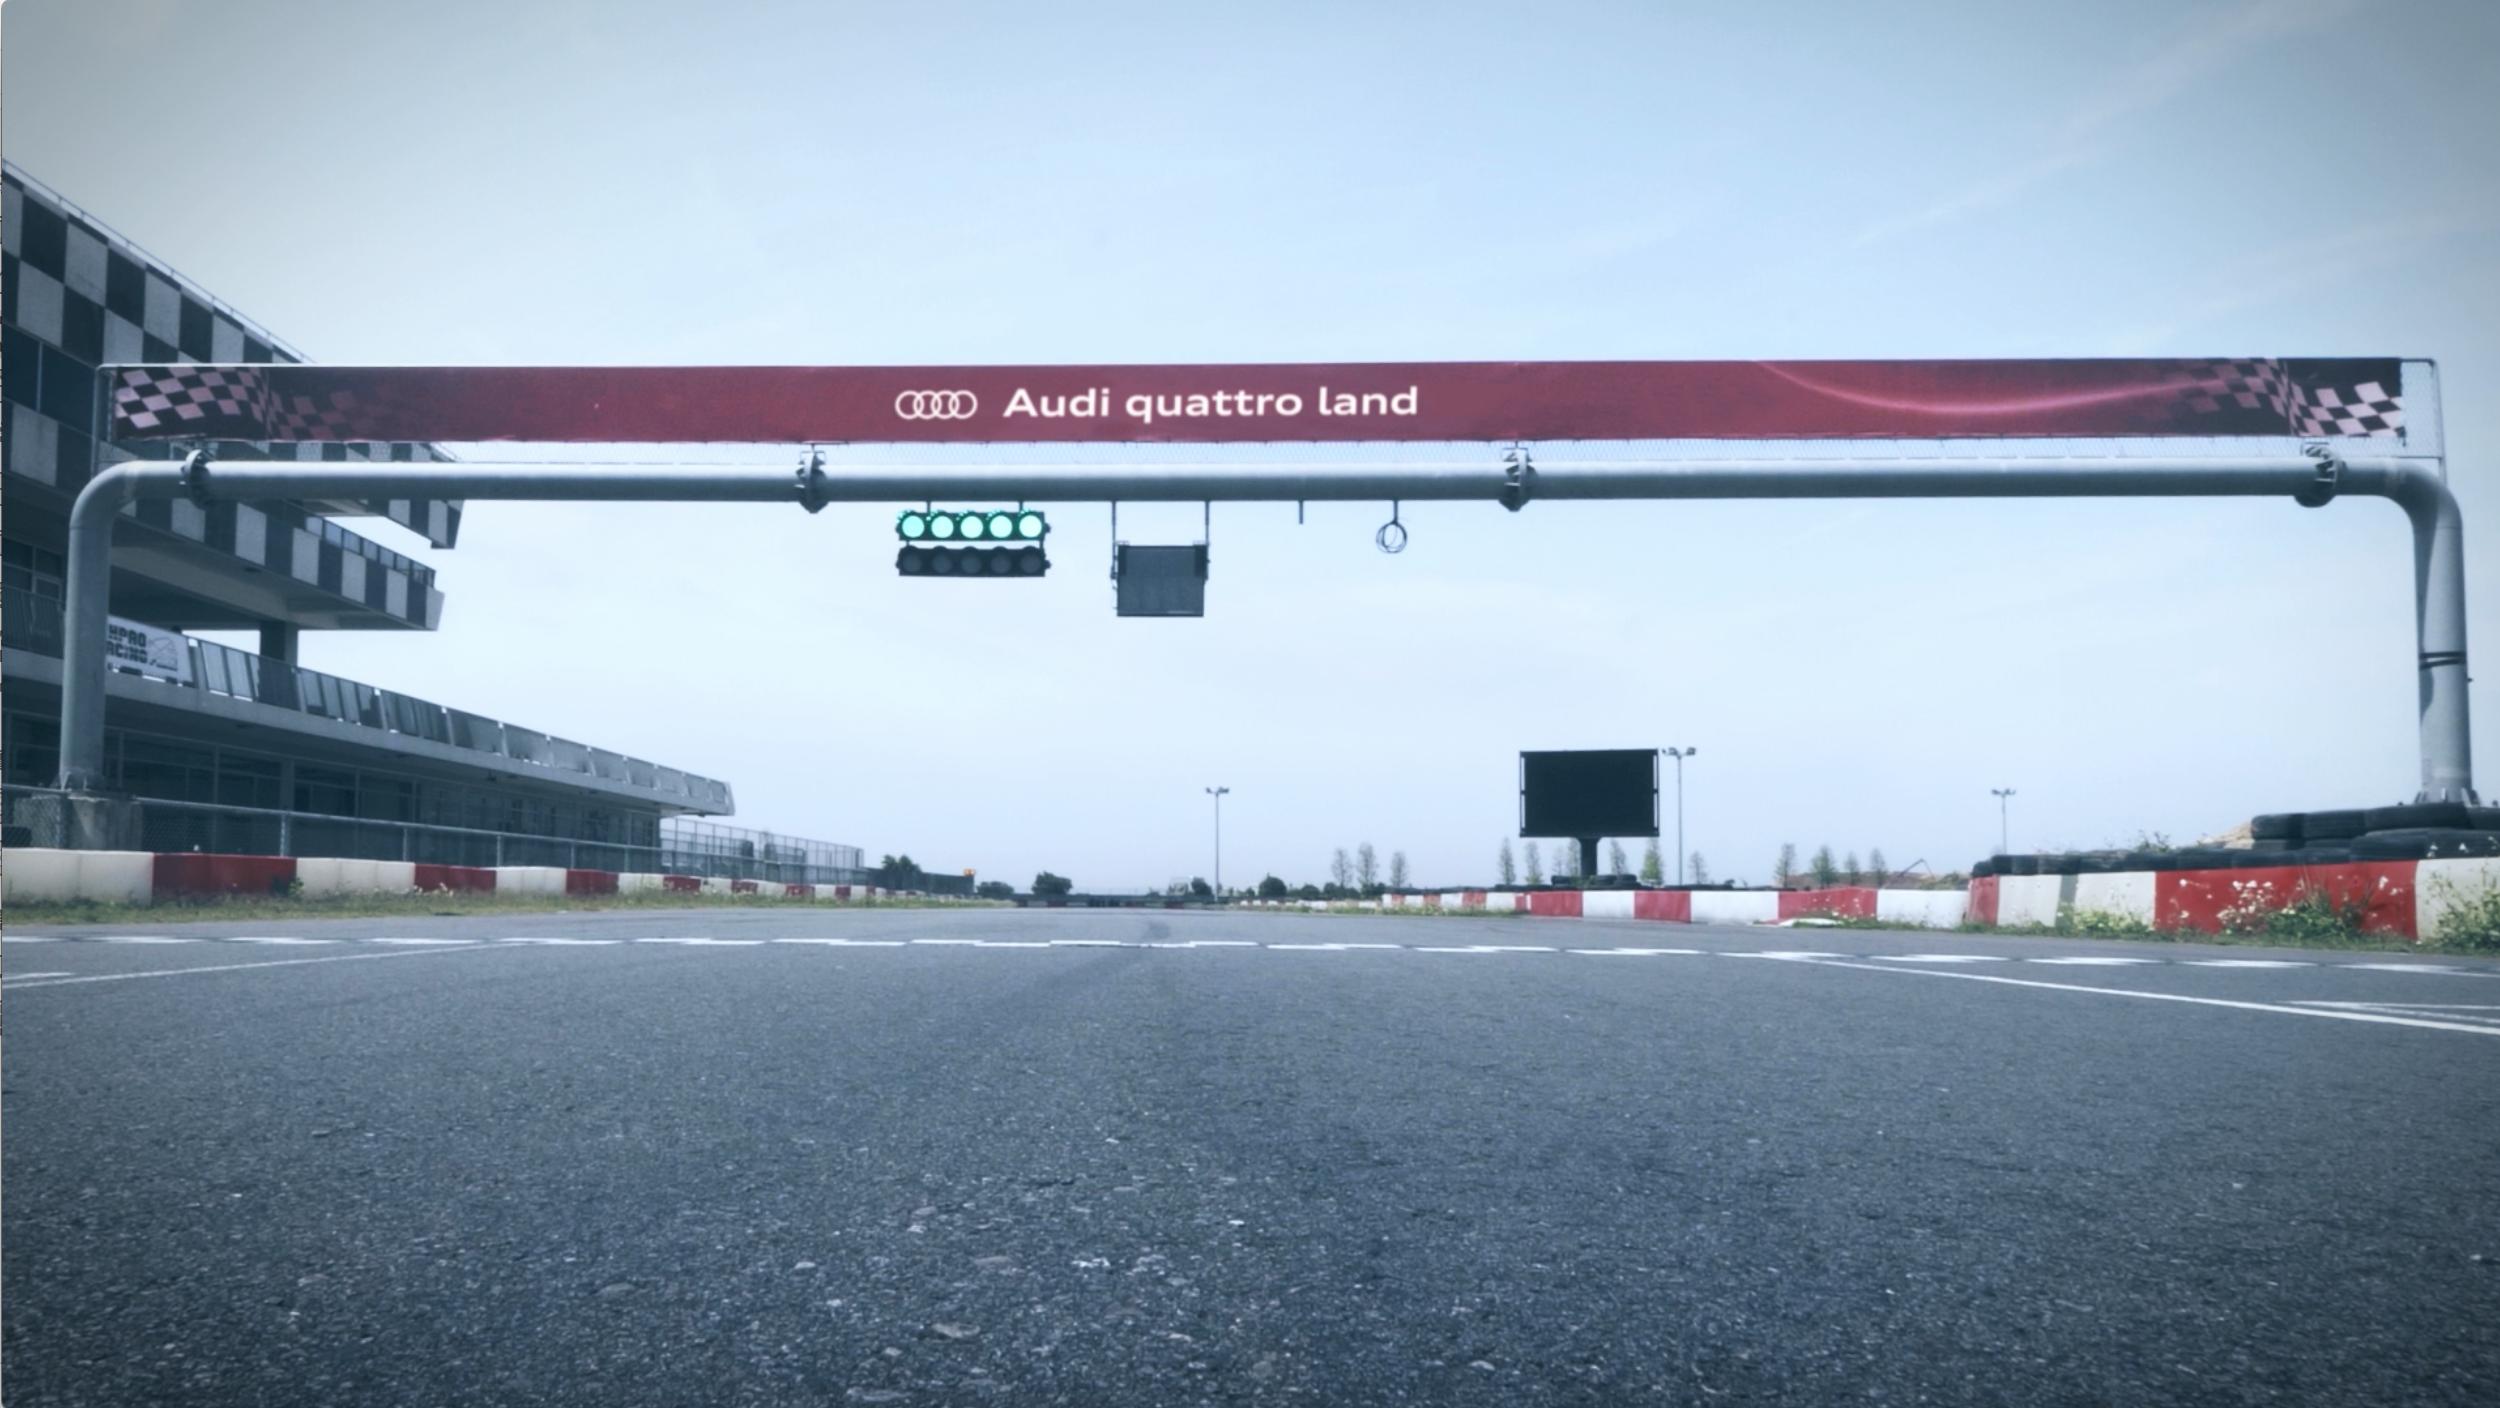 搶先體驗Audi quattro Land 車主體驗樂園!